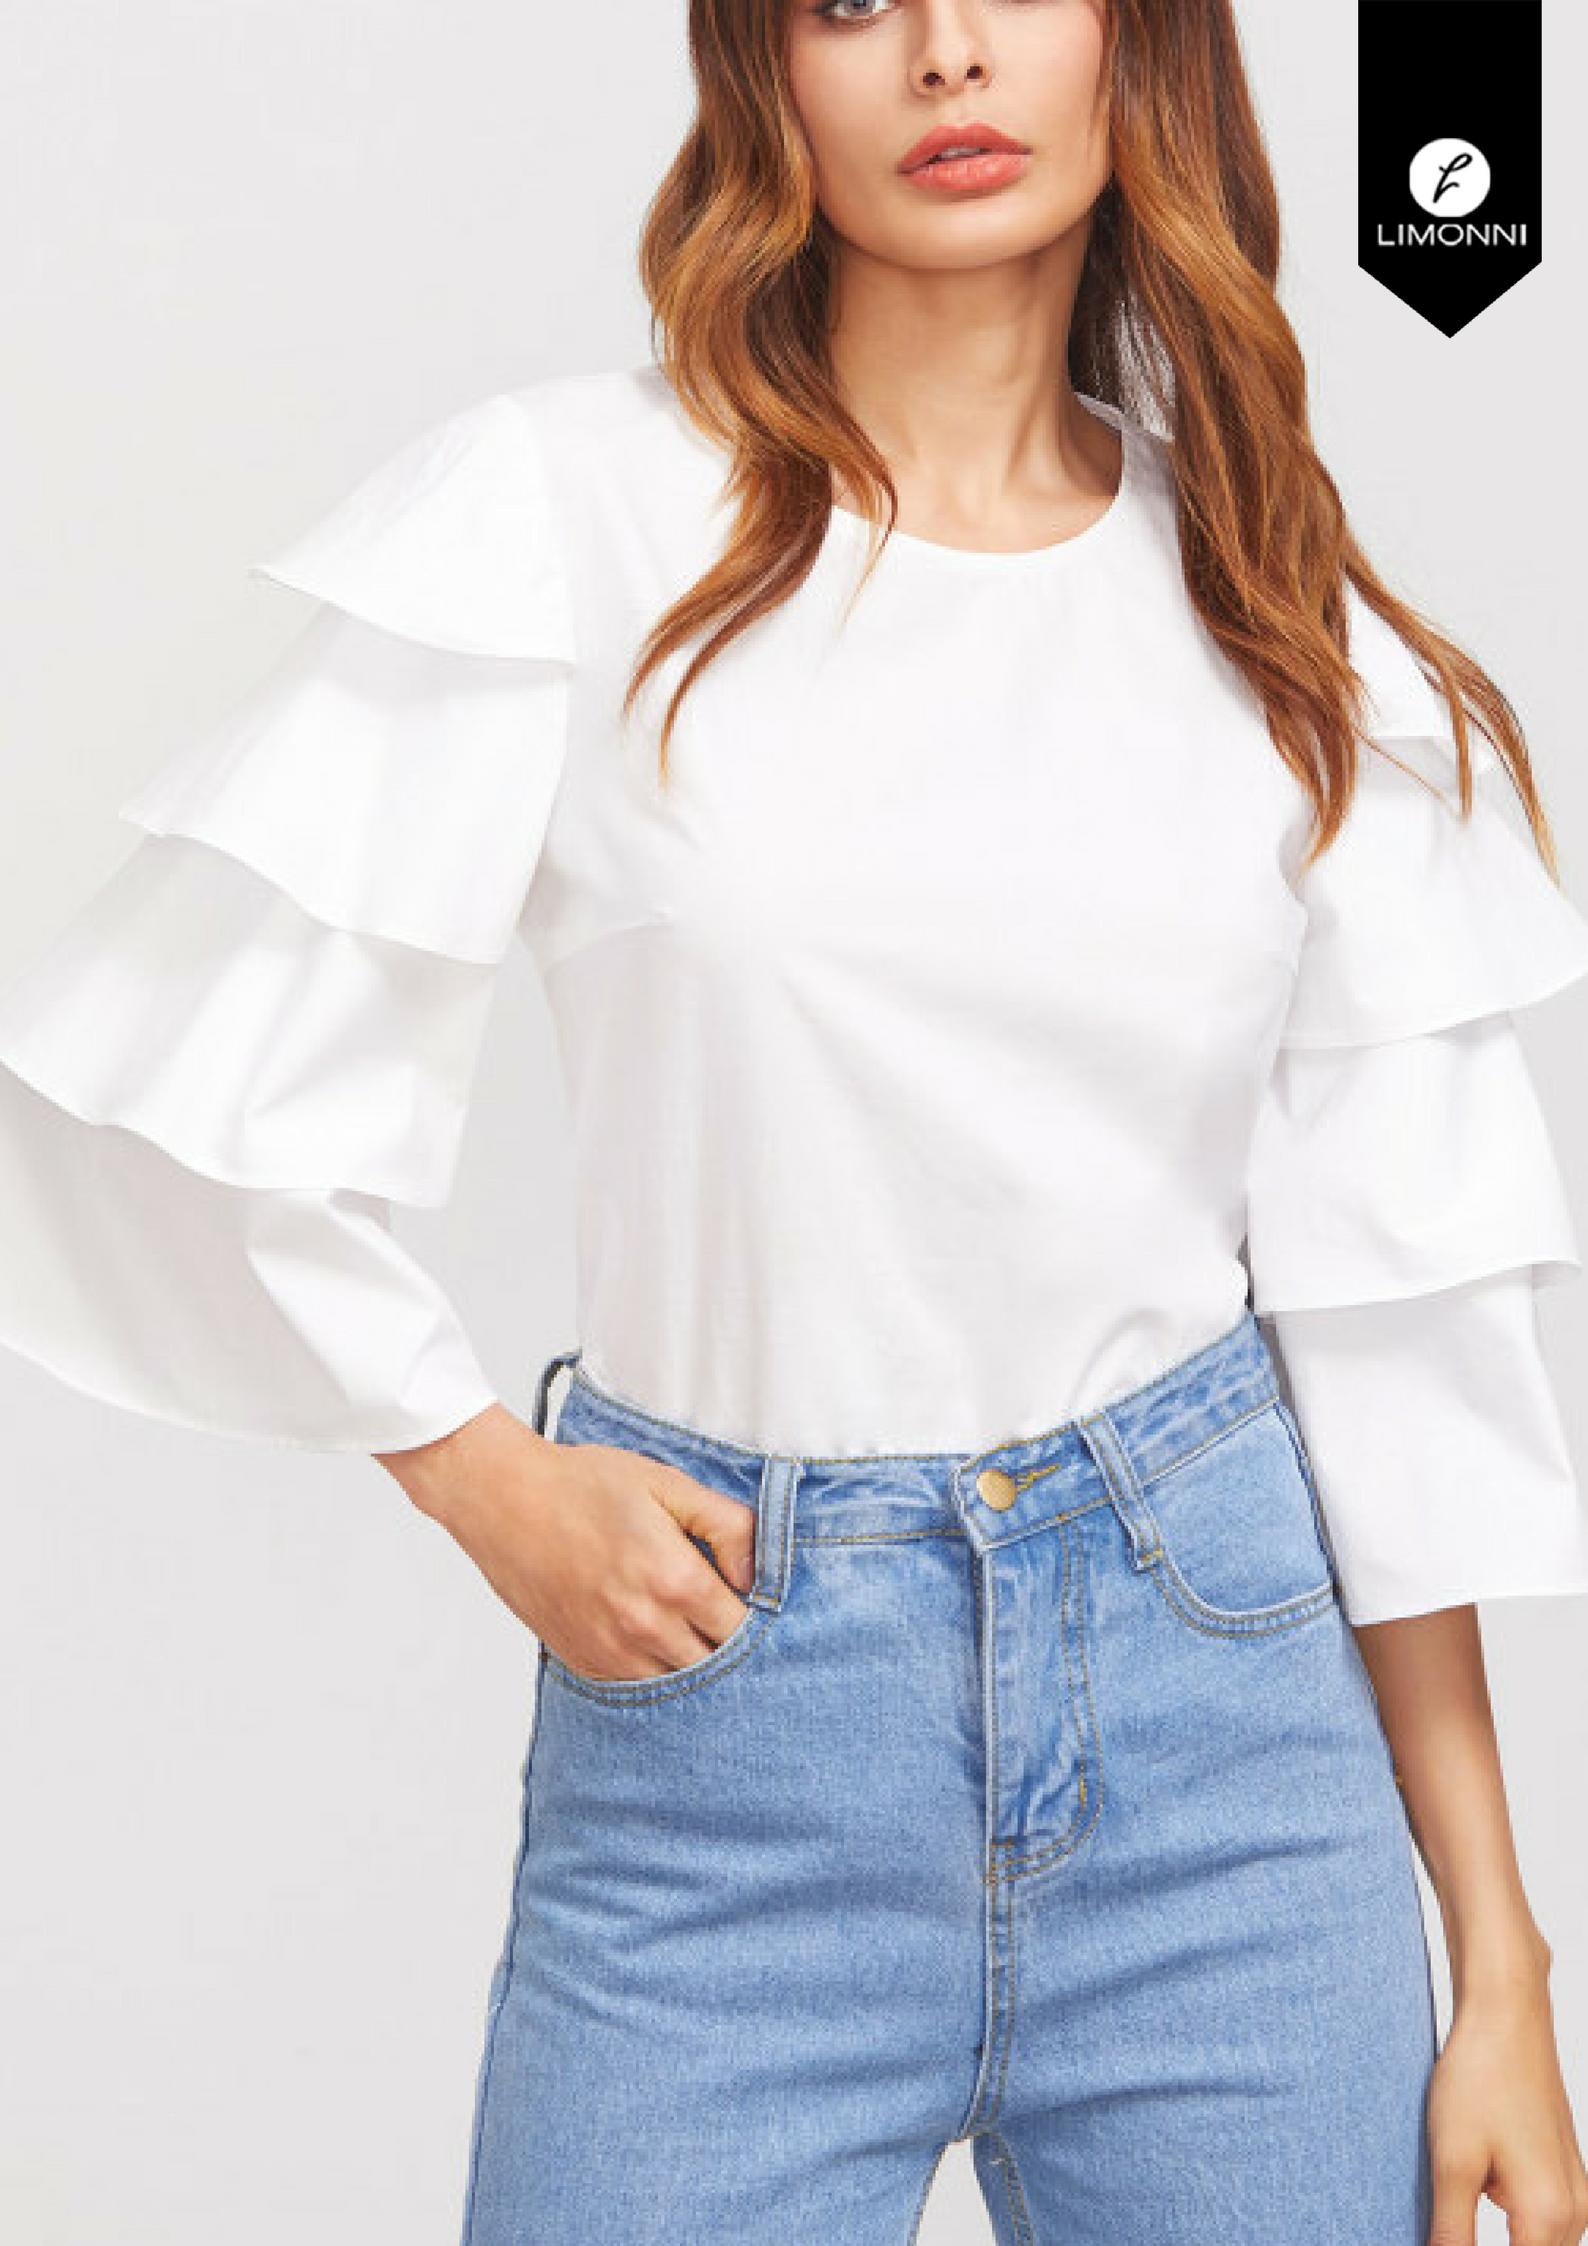 Blusas para mujer Limonni Novalee LI1475 Casuales